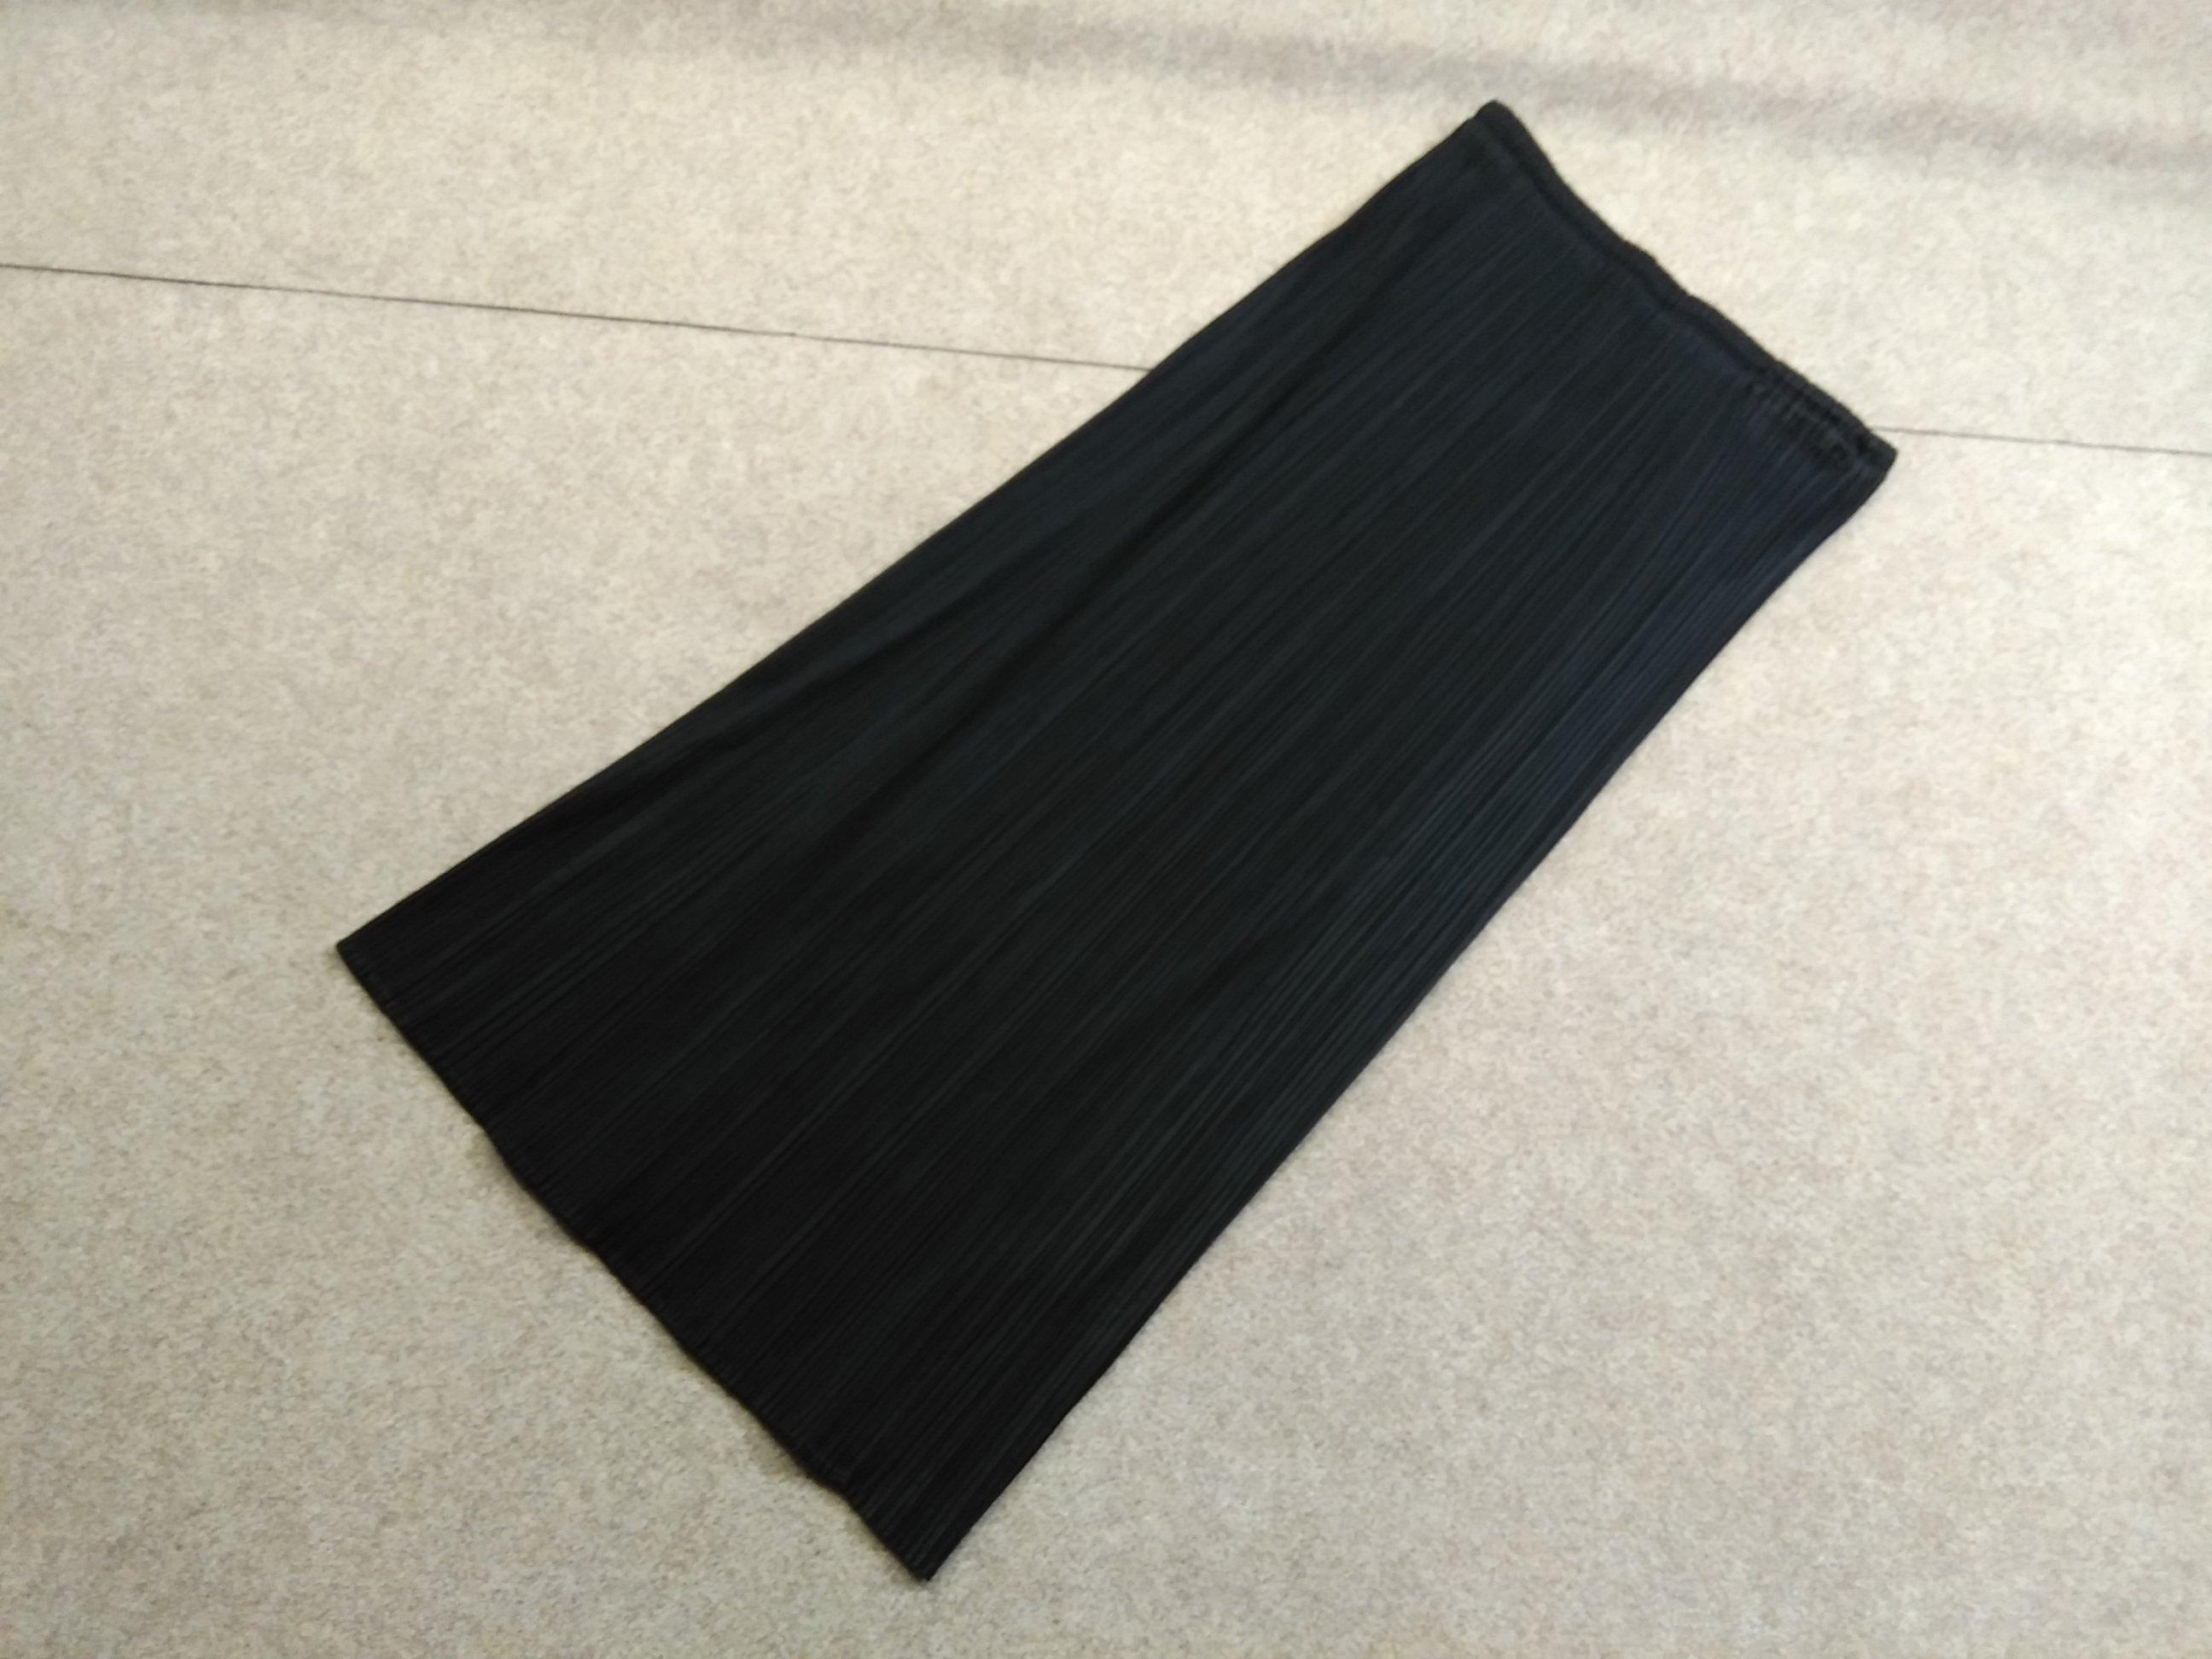 プリーツプリーズ プリーツロングスカート 黒 2 mh309s